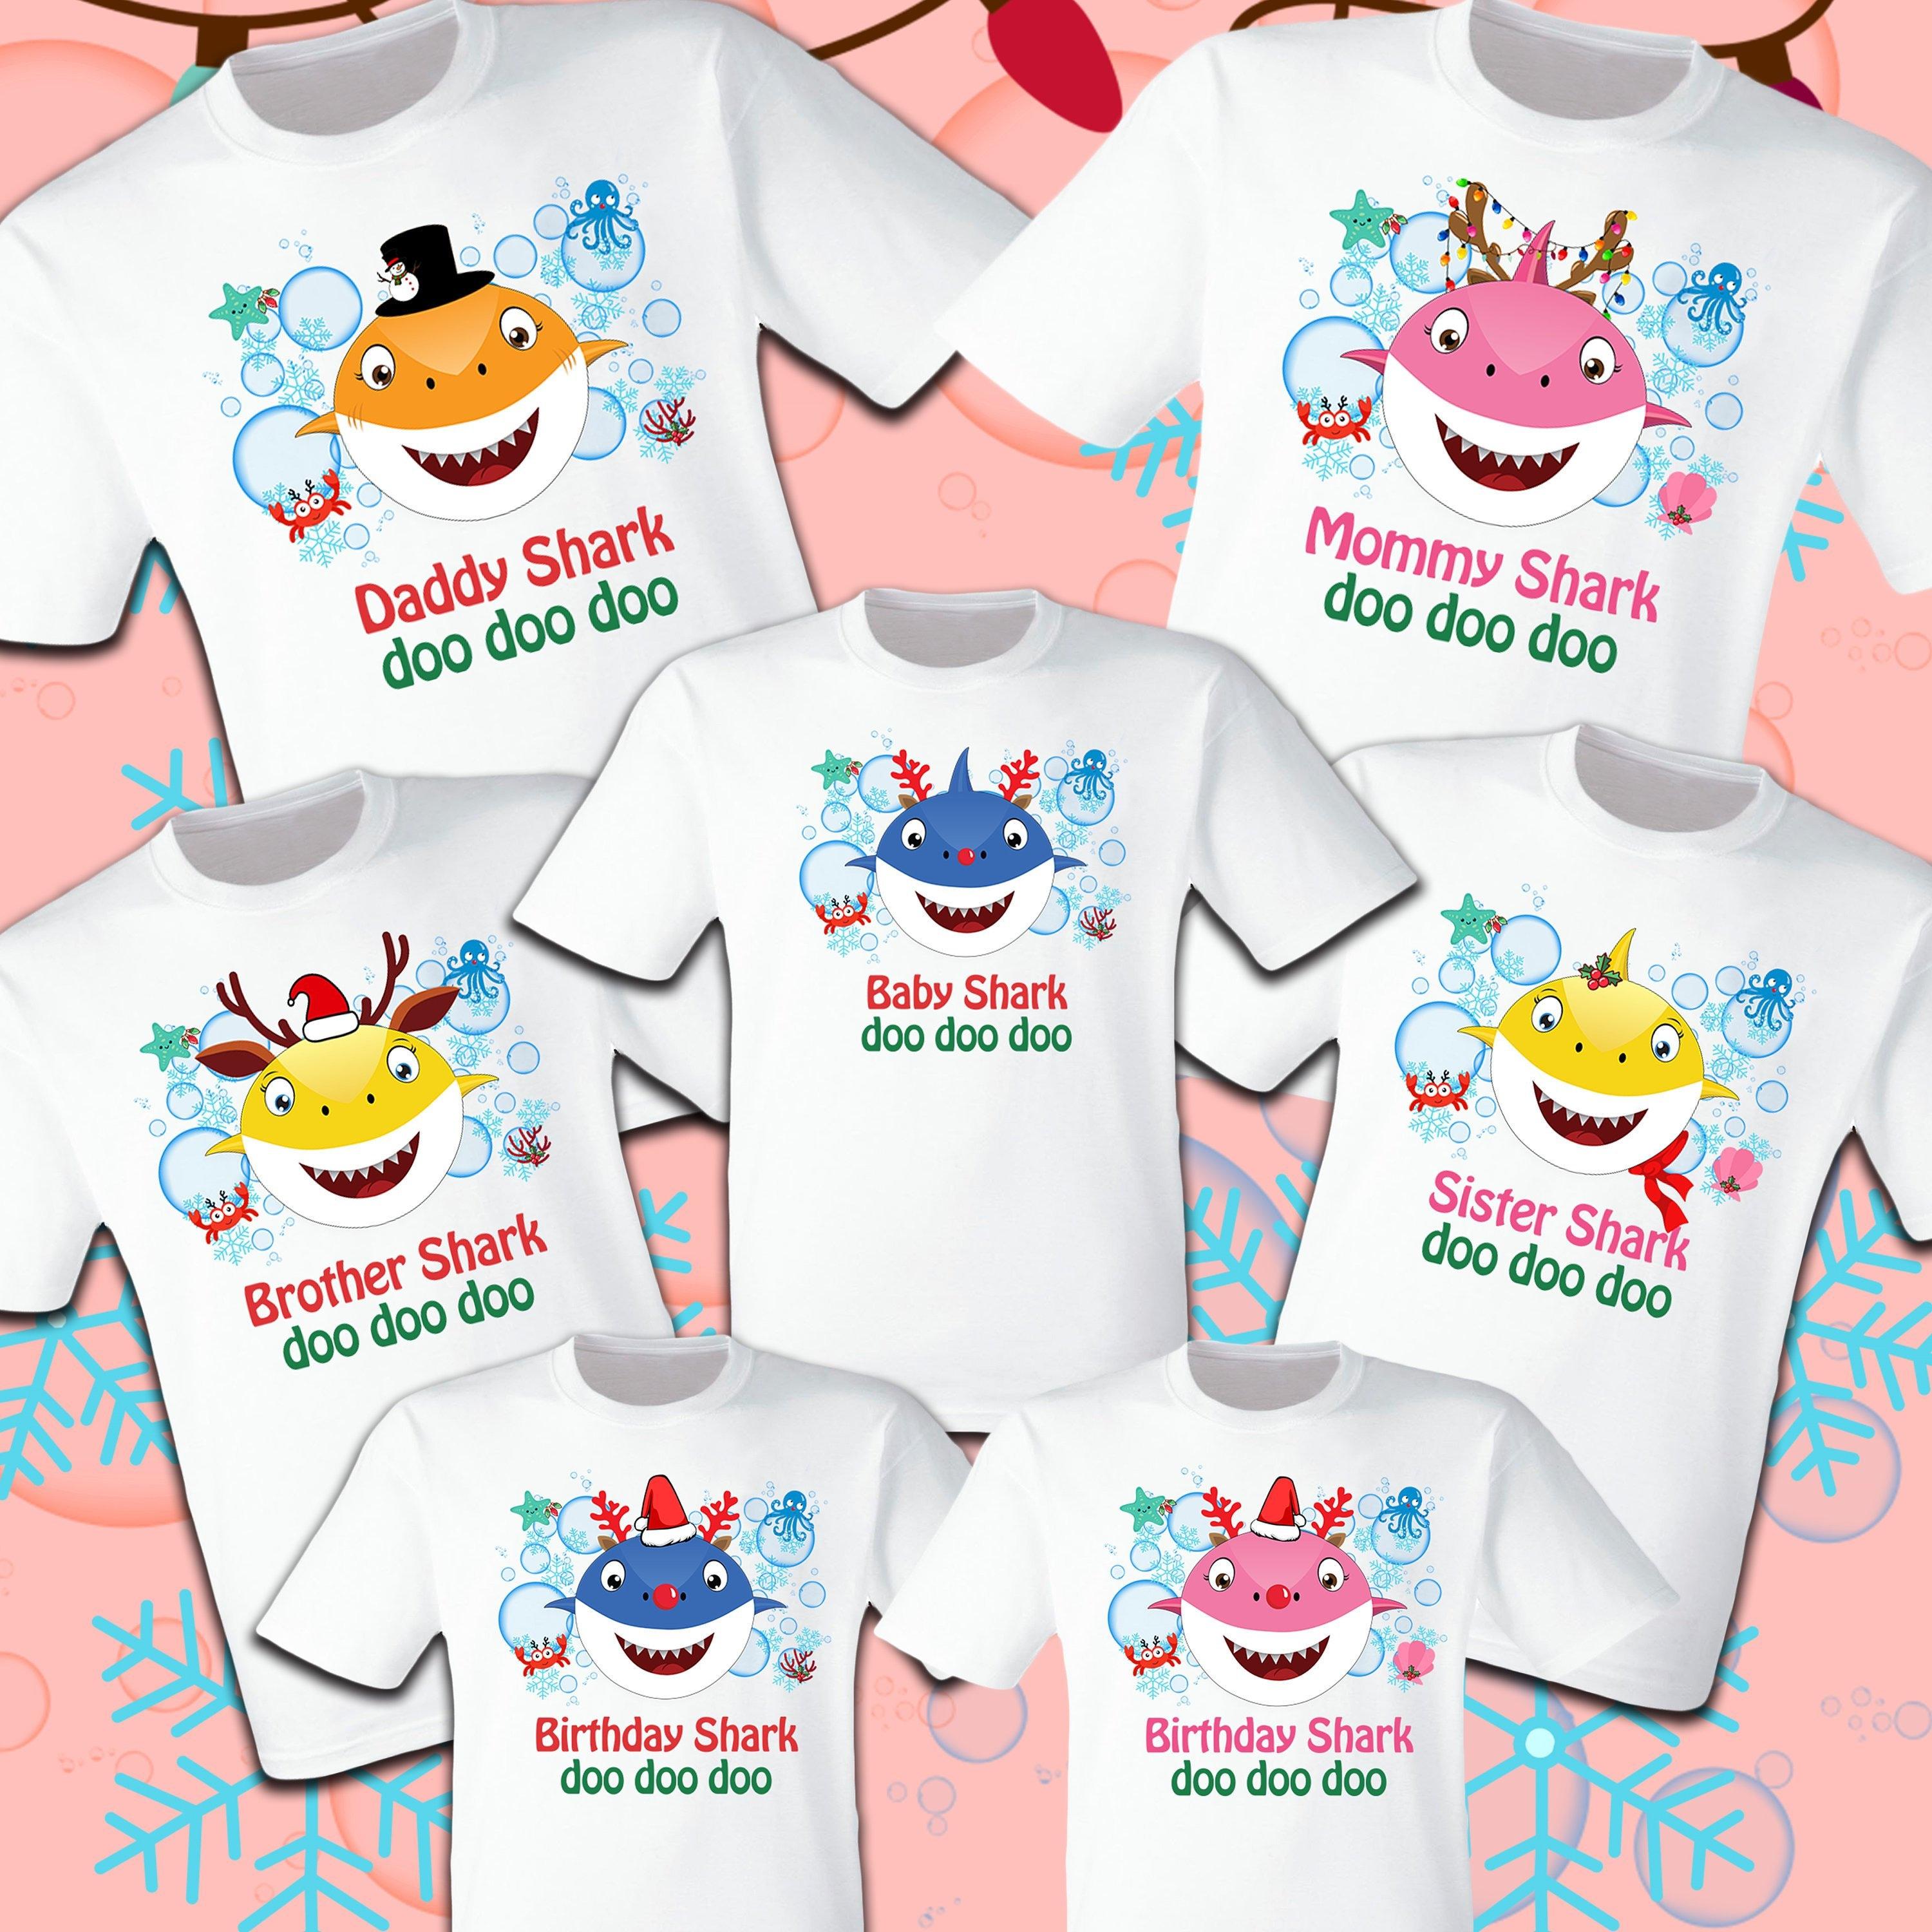 ed55a1ecb Baby Shark Christmas Shark T Shirts Party Family Birthday Son | Etsy